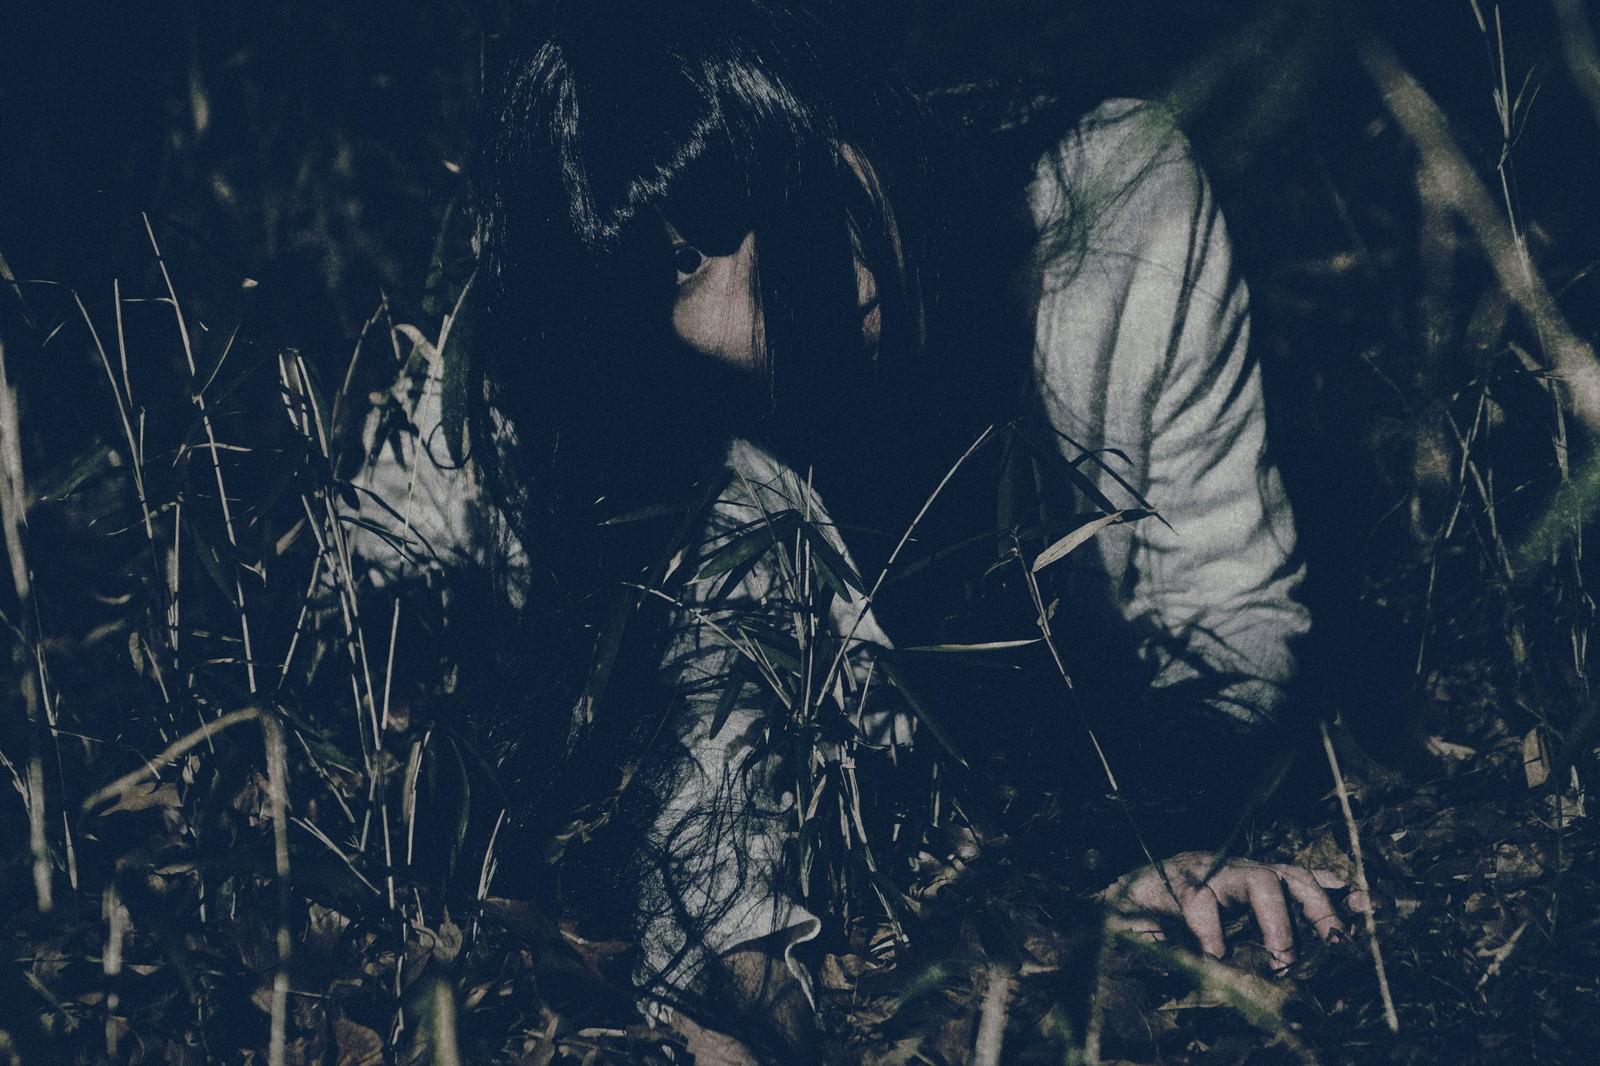 「暗闇の中、追い続ける髪の長い女性暗闇の中、追い続ける髪の長い女性」[モデル:緋真煉]のフリー写真素材を拡大